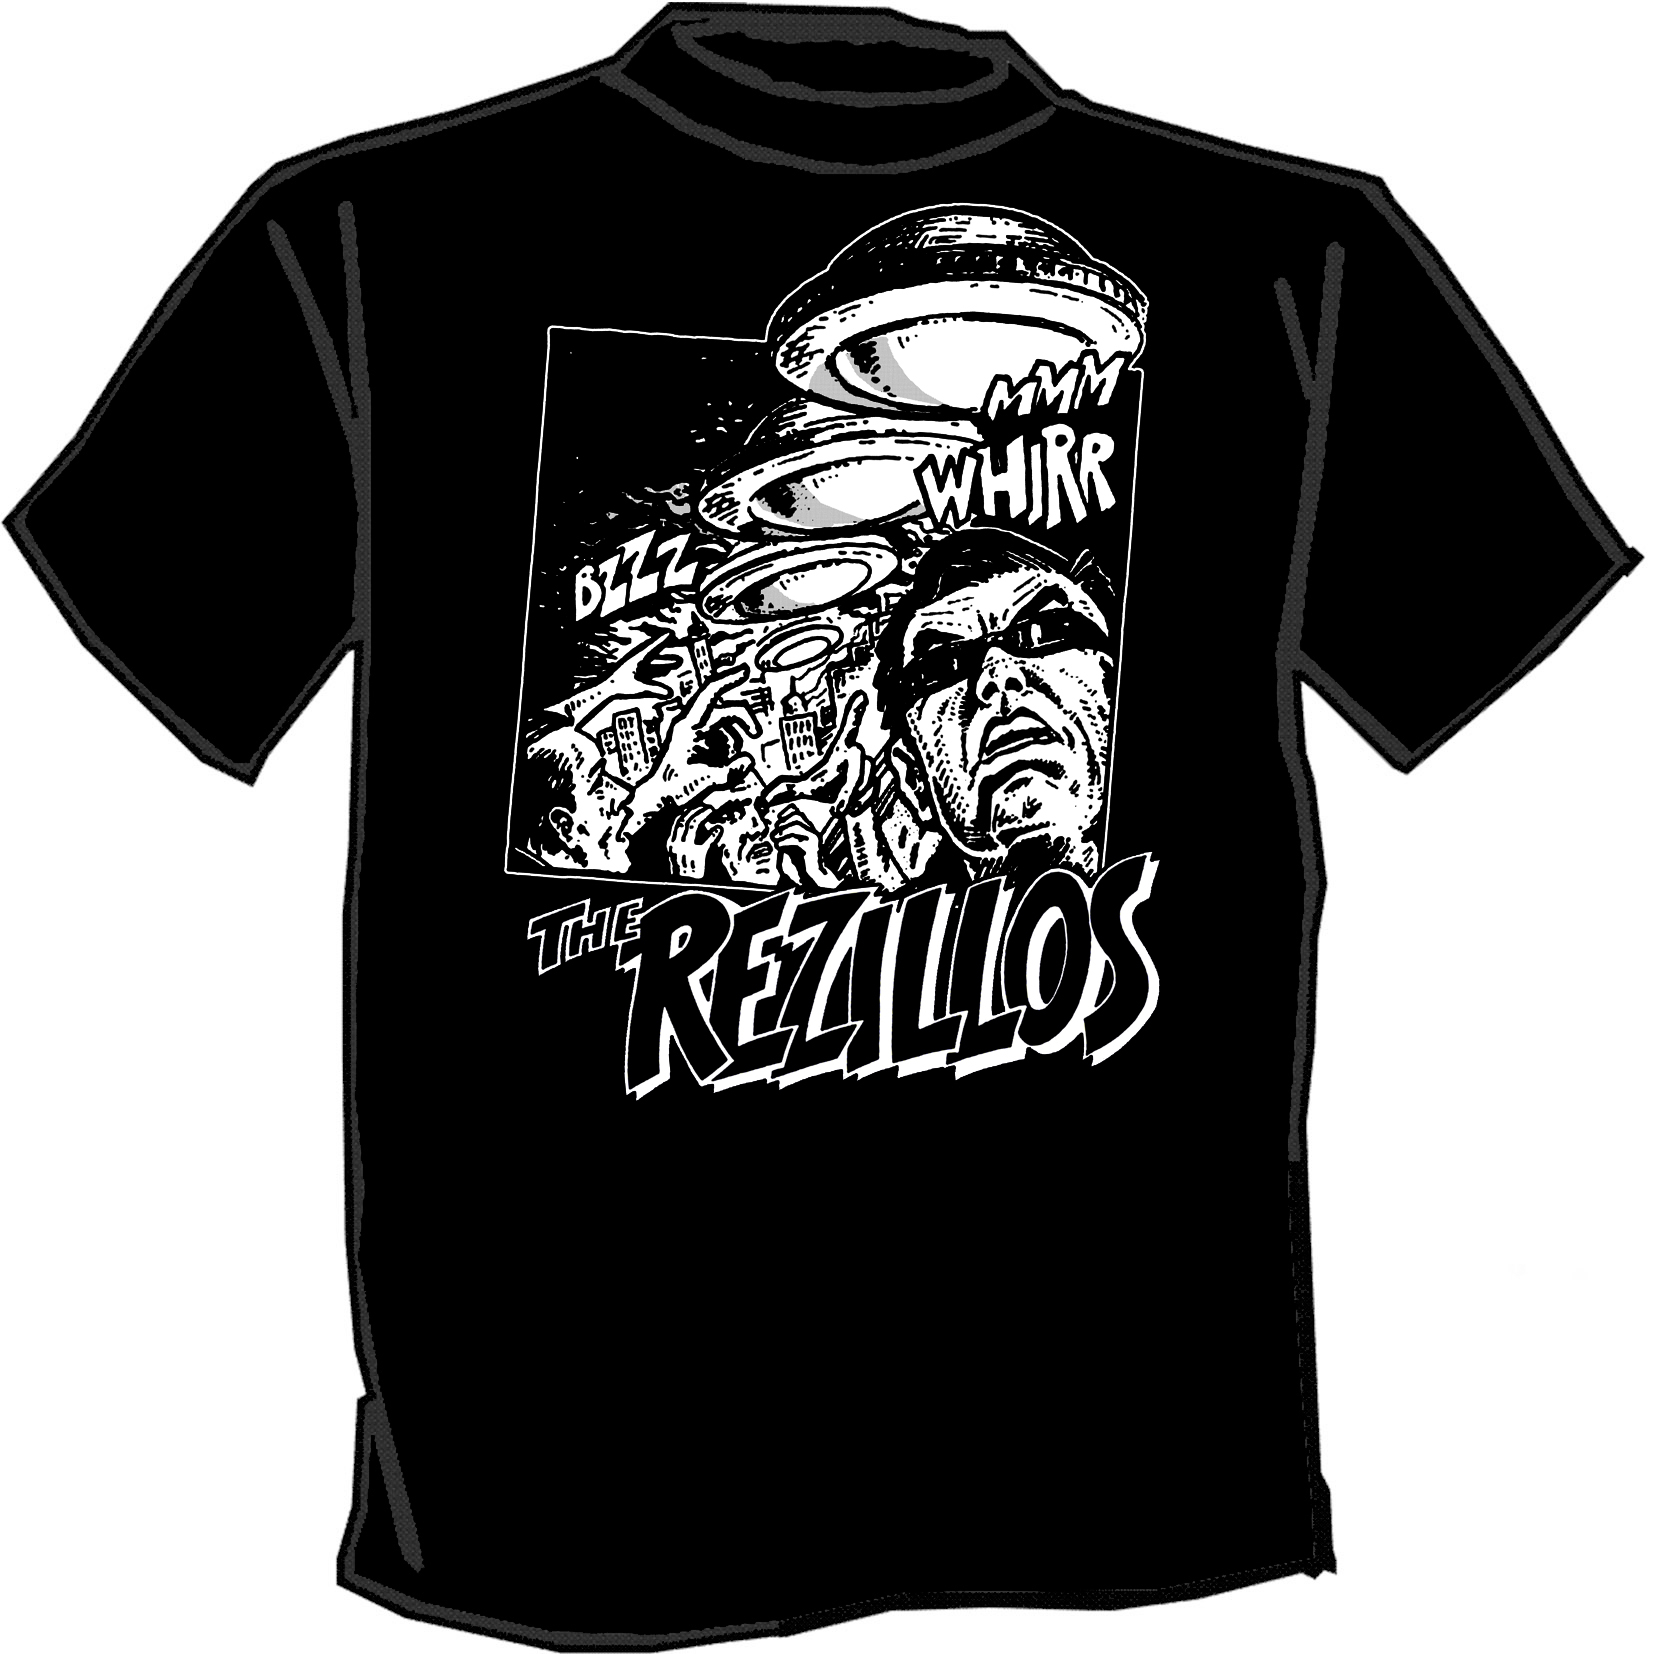 cdb461550 REZILLOS silk screened t-shirt SCREENPRINTED punk revillos new wave ...